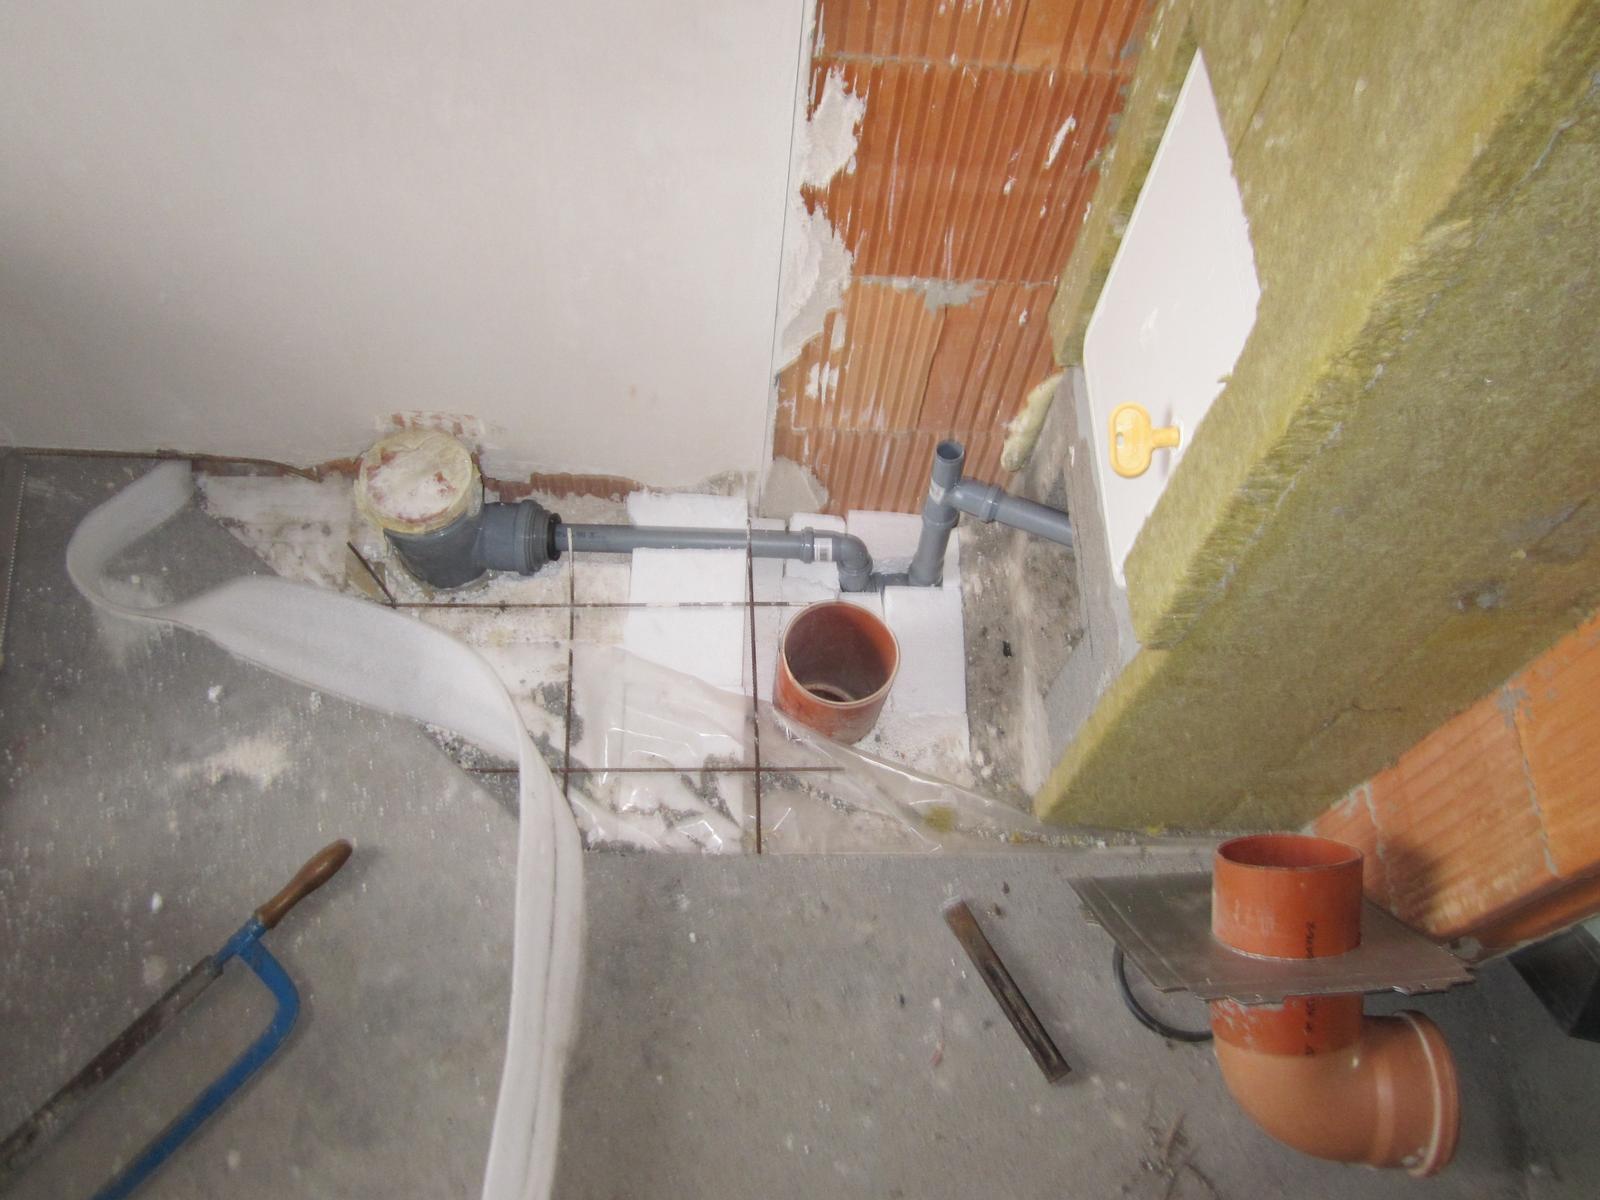 Odvetranie a odvodnenie komína SCH. UNI 20 - Sivé odpadové rúrky napojené na kanalizáciu - odvod kondenzátu. Z kolienok je vytvorený sifón, ktorý sa naplní vodou (alebo doplňuje po odparení) cez vrchný otvor (tam príde ešte štupeľ). Červená rúra v podlahe vyvedená na fasádu - odvetranie komína.